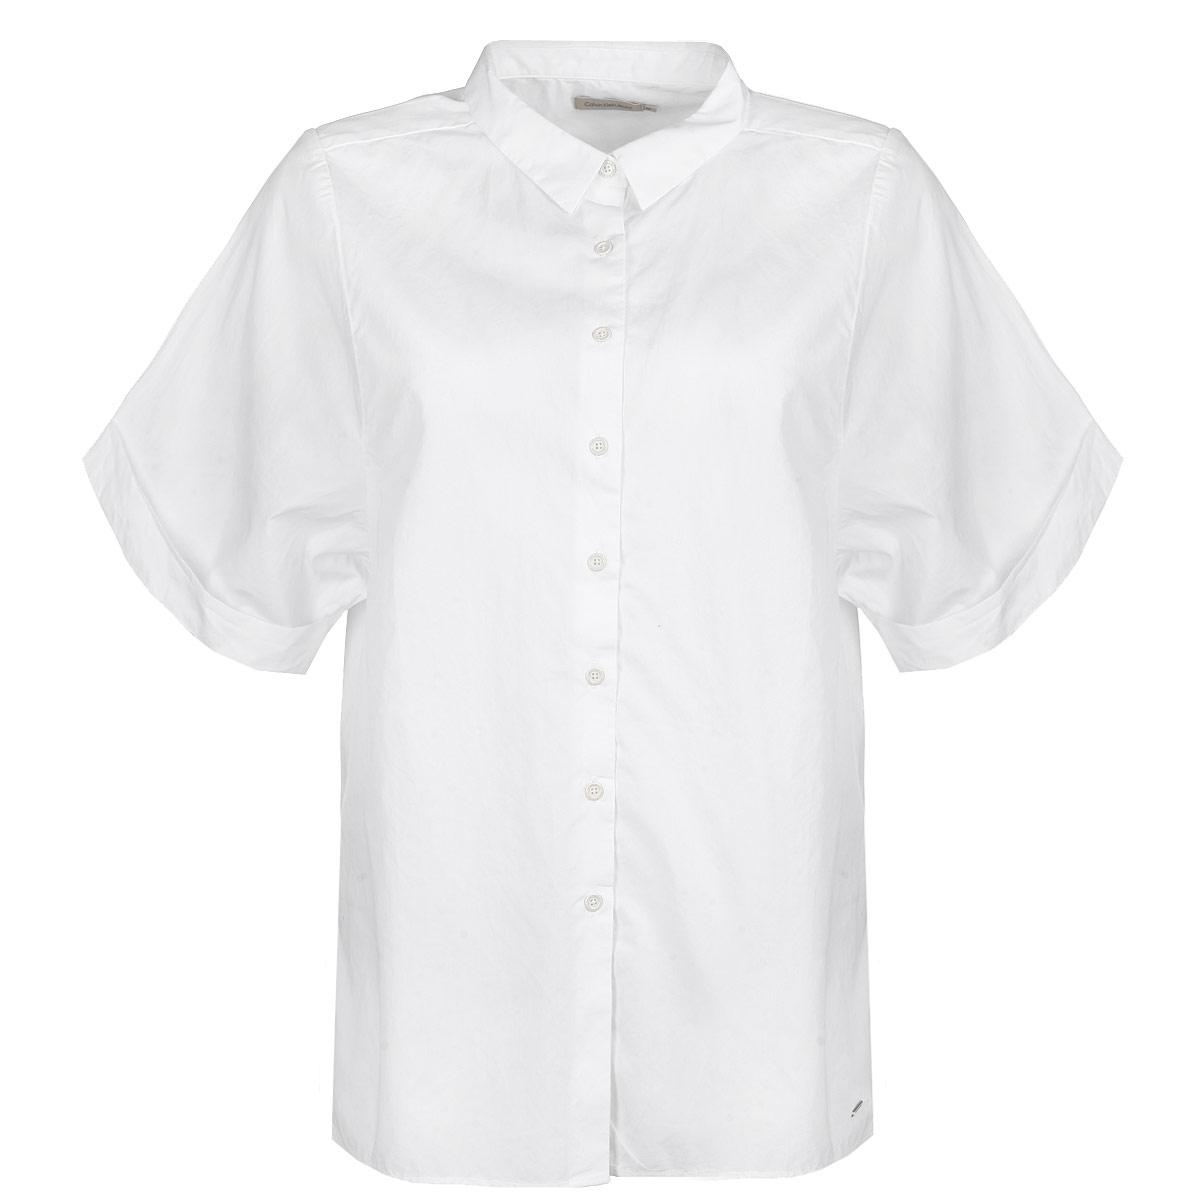 Блузка. J2IJ202138J2IJ202138Стильная женская блуза Calvin Klein, выполненная из высококачественного 100% хлопка, подчеркнет ваш уникальный стиль. Одежда, выполненная из хлопка, обладает высокой теплопроводностью, воздухопроницаемостью и гигроскопичностью, позволяет коже дышать. Блузка свободного кроя с широкими короткими рукавами и отложным воротником застегивается на пуговицы. Рукава дополнены оригинальными отворотами. Снизу блузка дополнена небольшой металлической эмблемой с логотипом производителя. Такая блузка будет дарить вам комфорт в течение всего дня и послужит замечательным дополнением к вашему гардеробу.